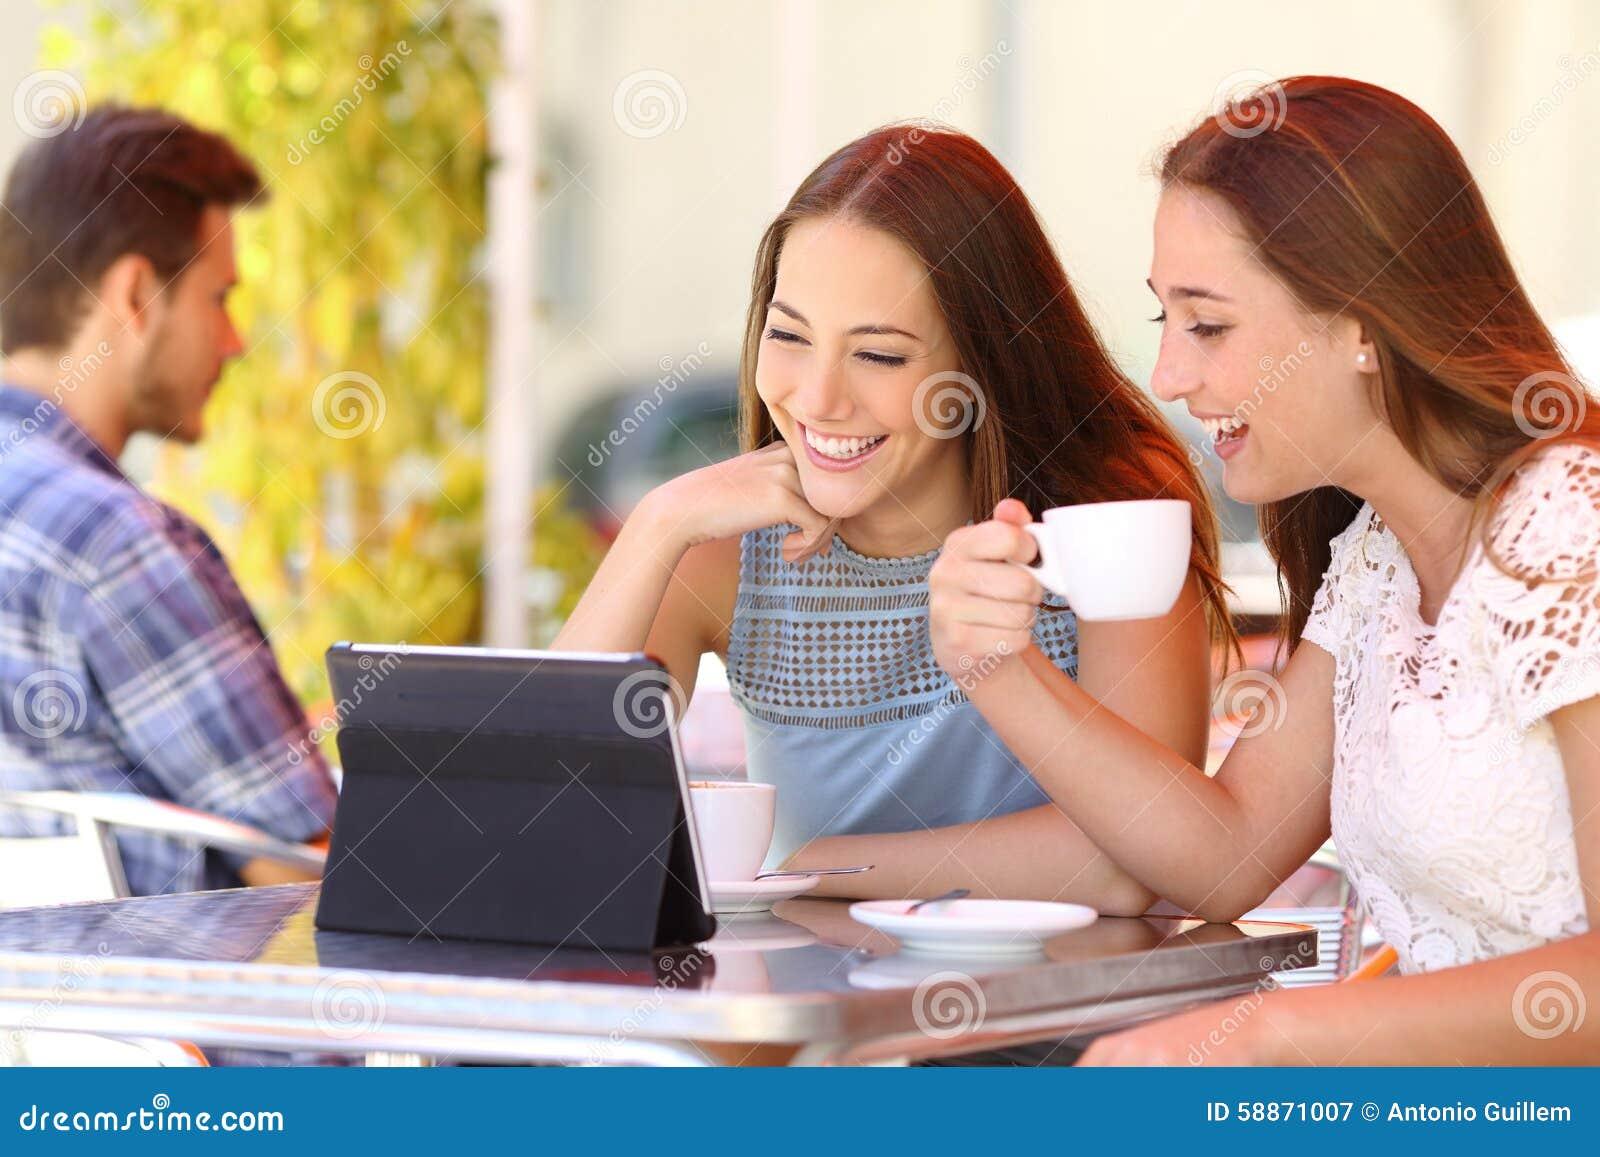 Dos amigos o hermanas que miran los vídeos en una tableta